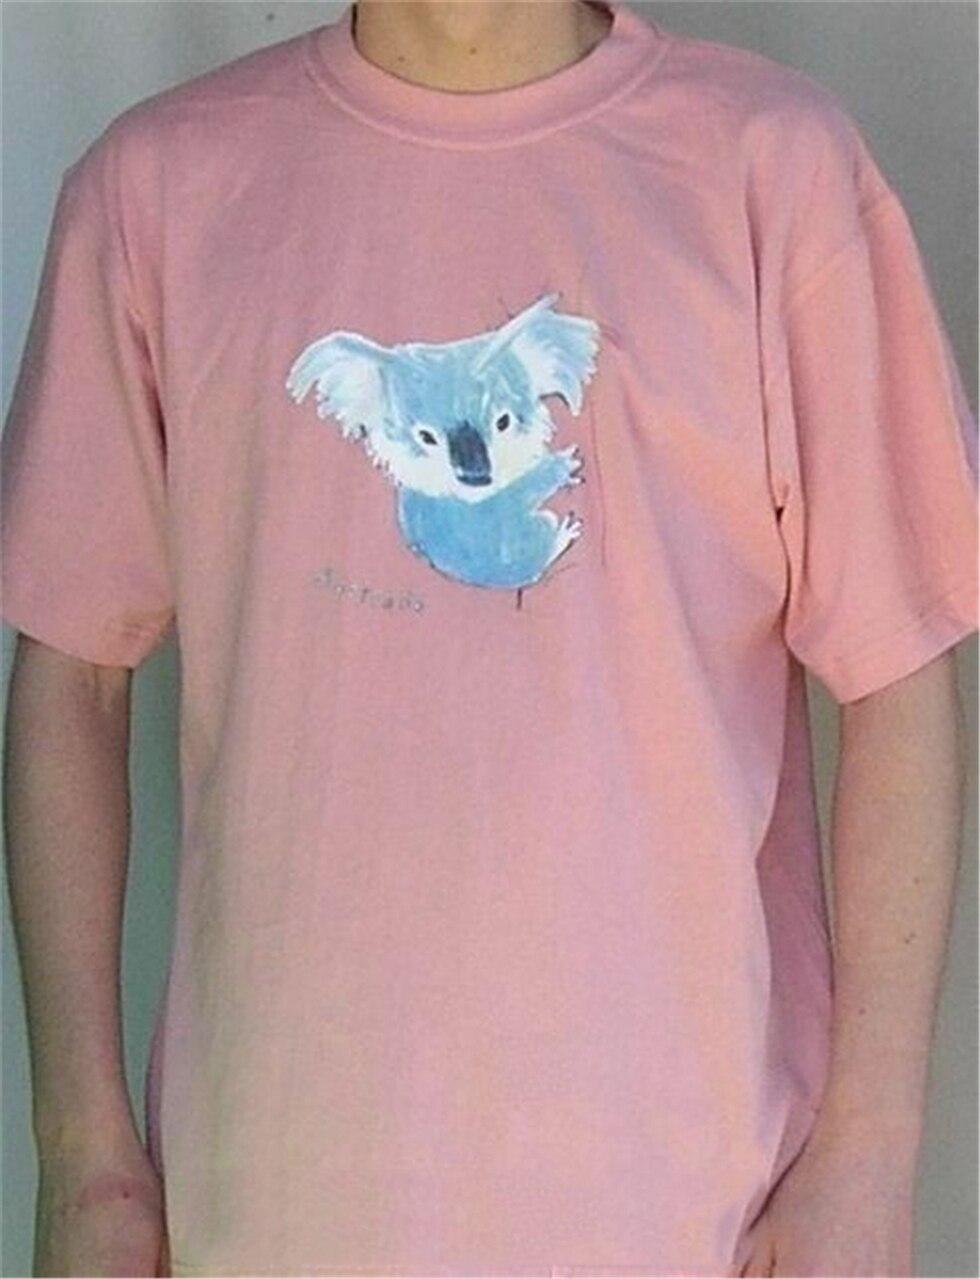 Arty футболка с изображением коалы (пыльно-розовый)-футболка с животными из Австралии-Бесплатная доставка! Забавная Футболка Harajuku